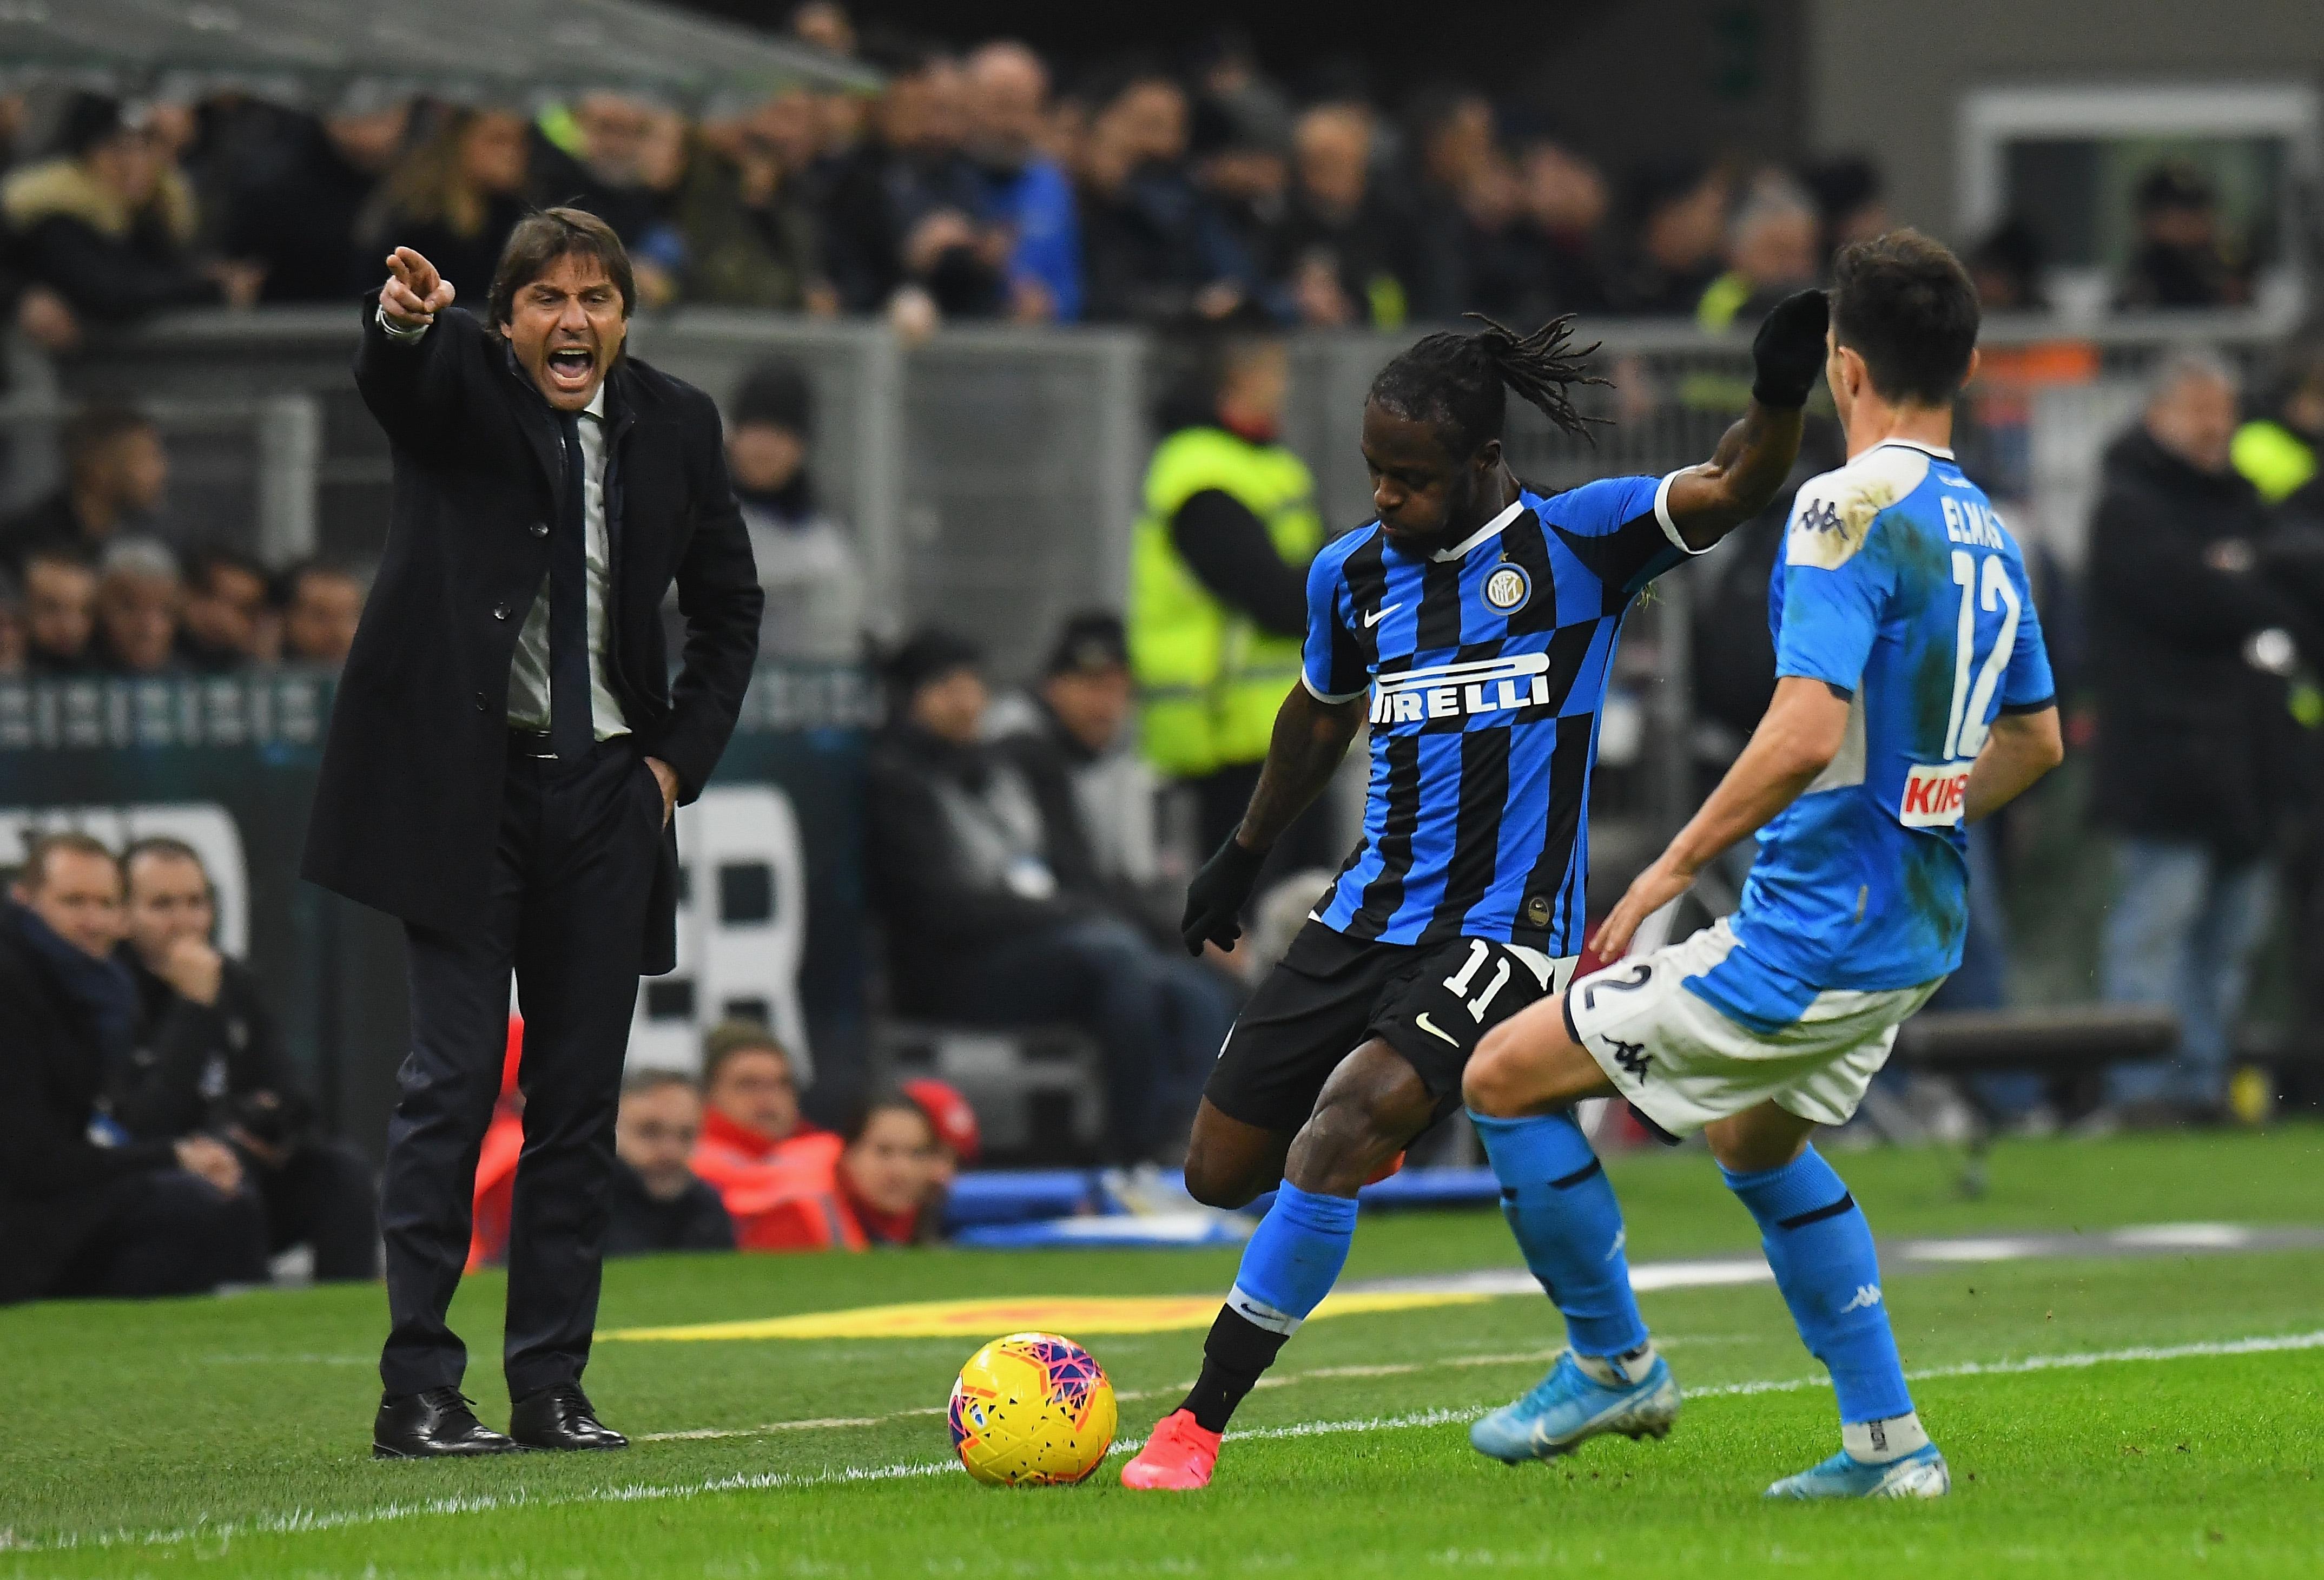 Coppa Italia, Napoli-Inter: orario e probabili formazioni